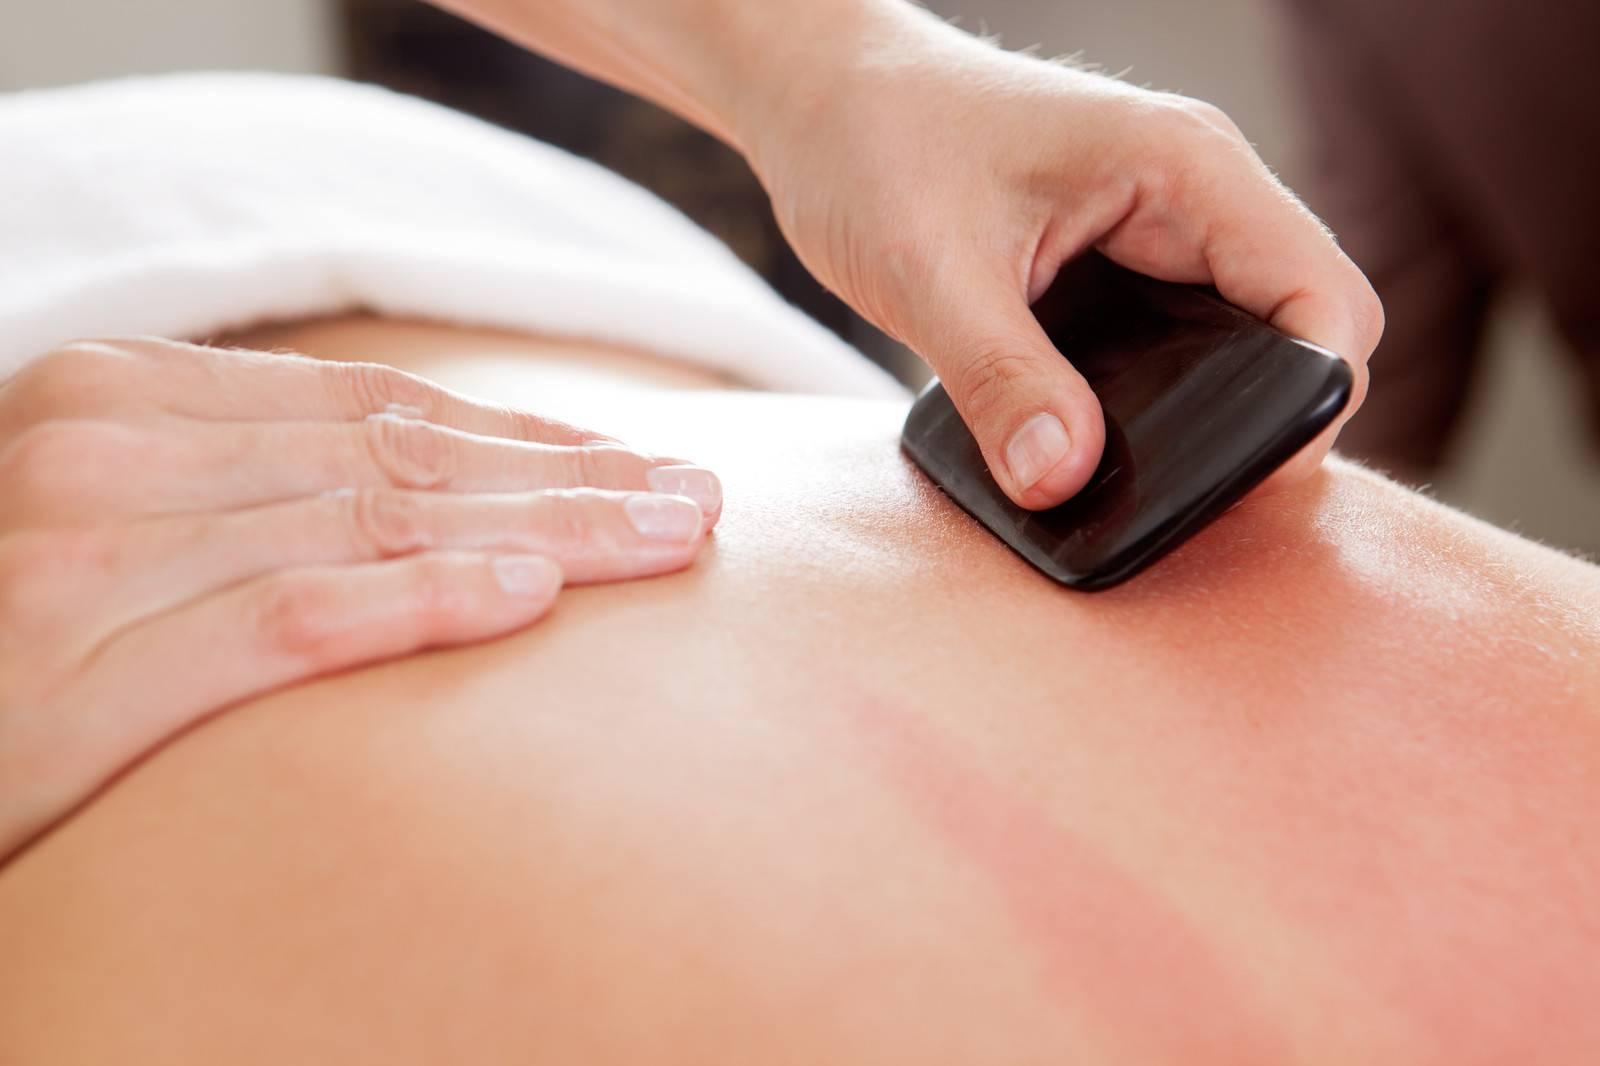 Курс Традиционный китайский массаж гуаша - тело в Москве. Лучшие цены и отзывы - МИВМ